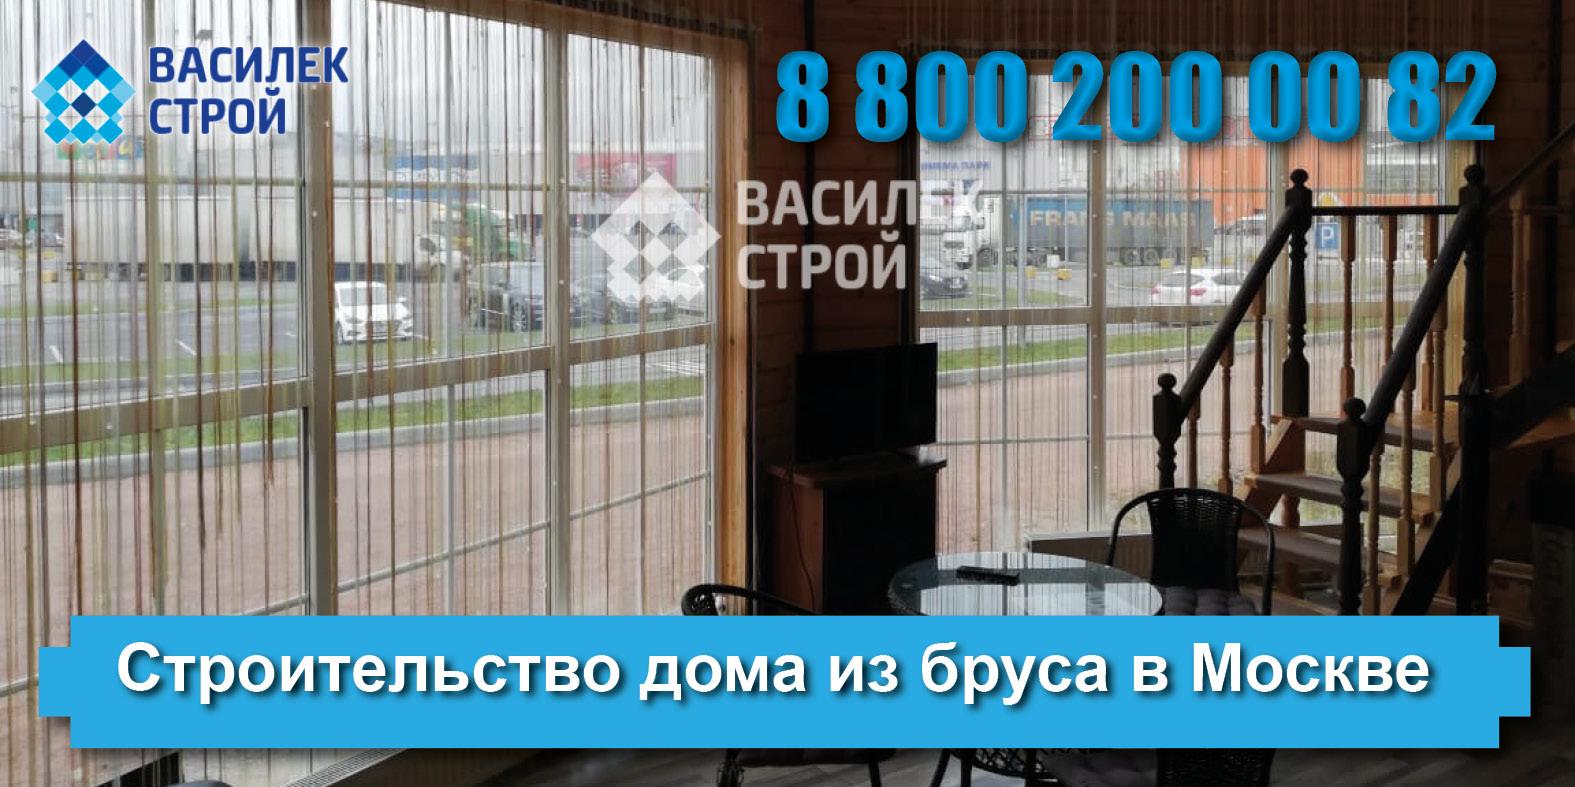 Чем отличается современное строительство дома из бруса в Москве: где дешевле